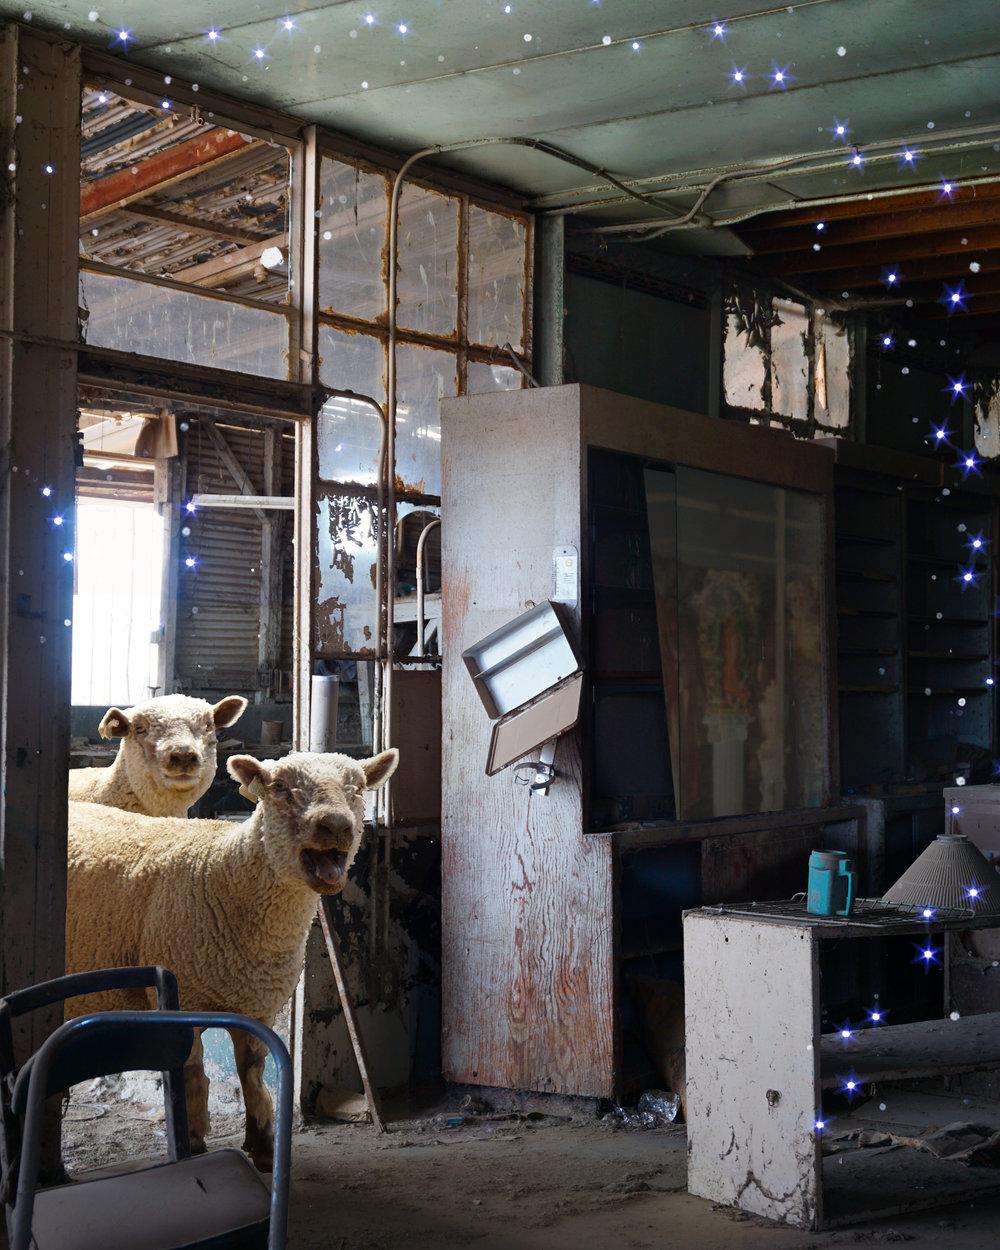 Sheep At Work.jpg